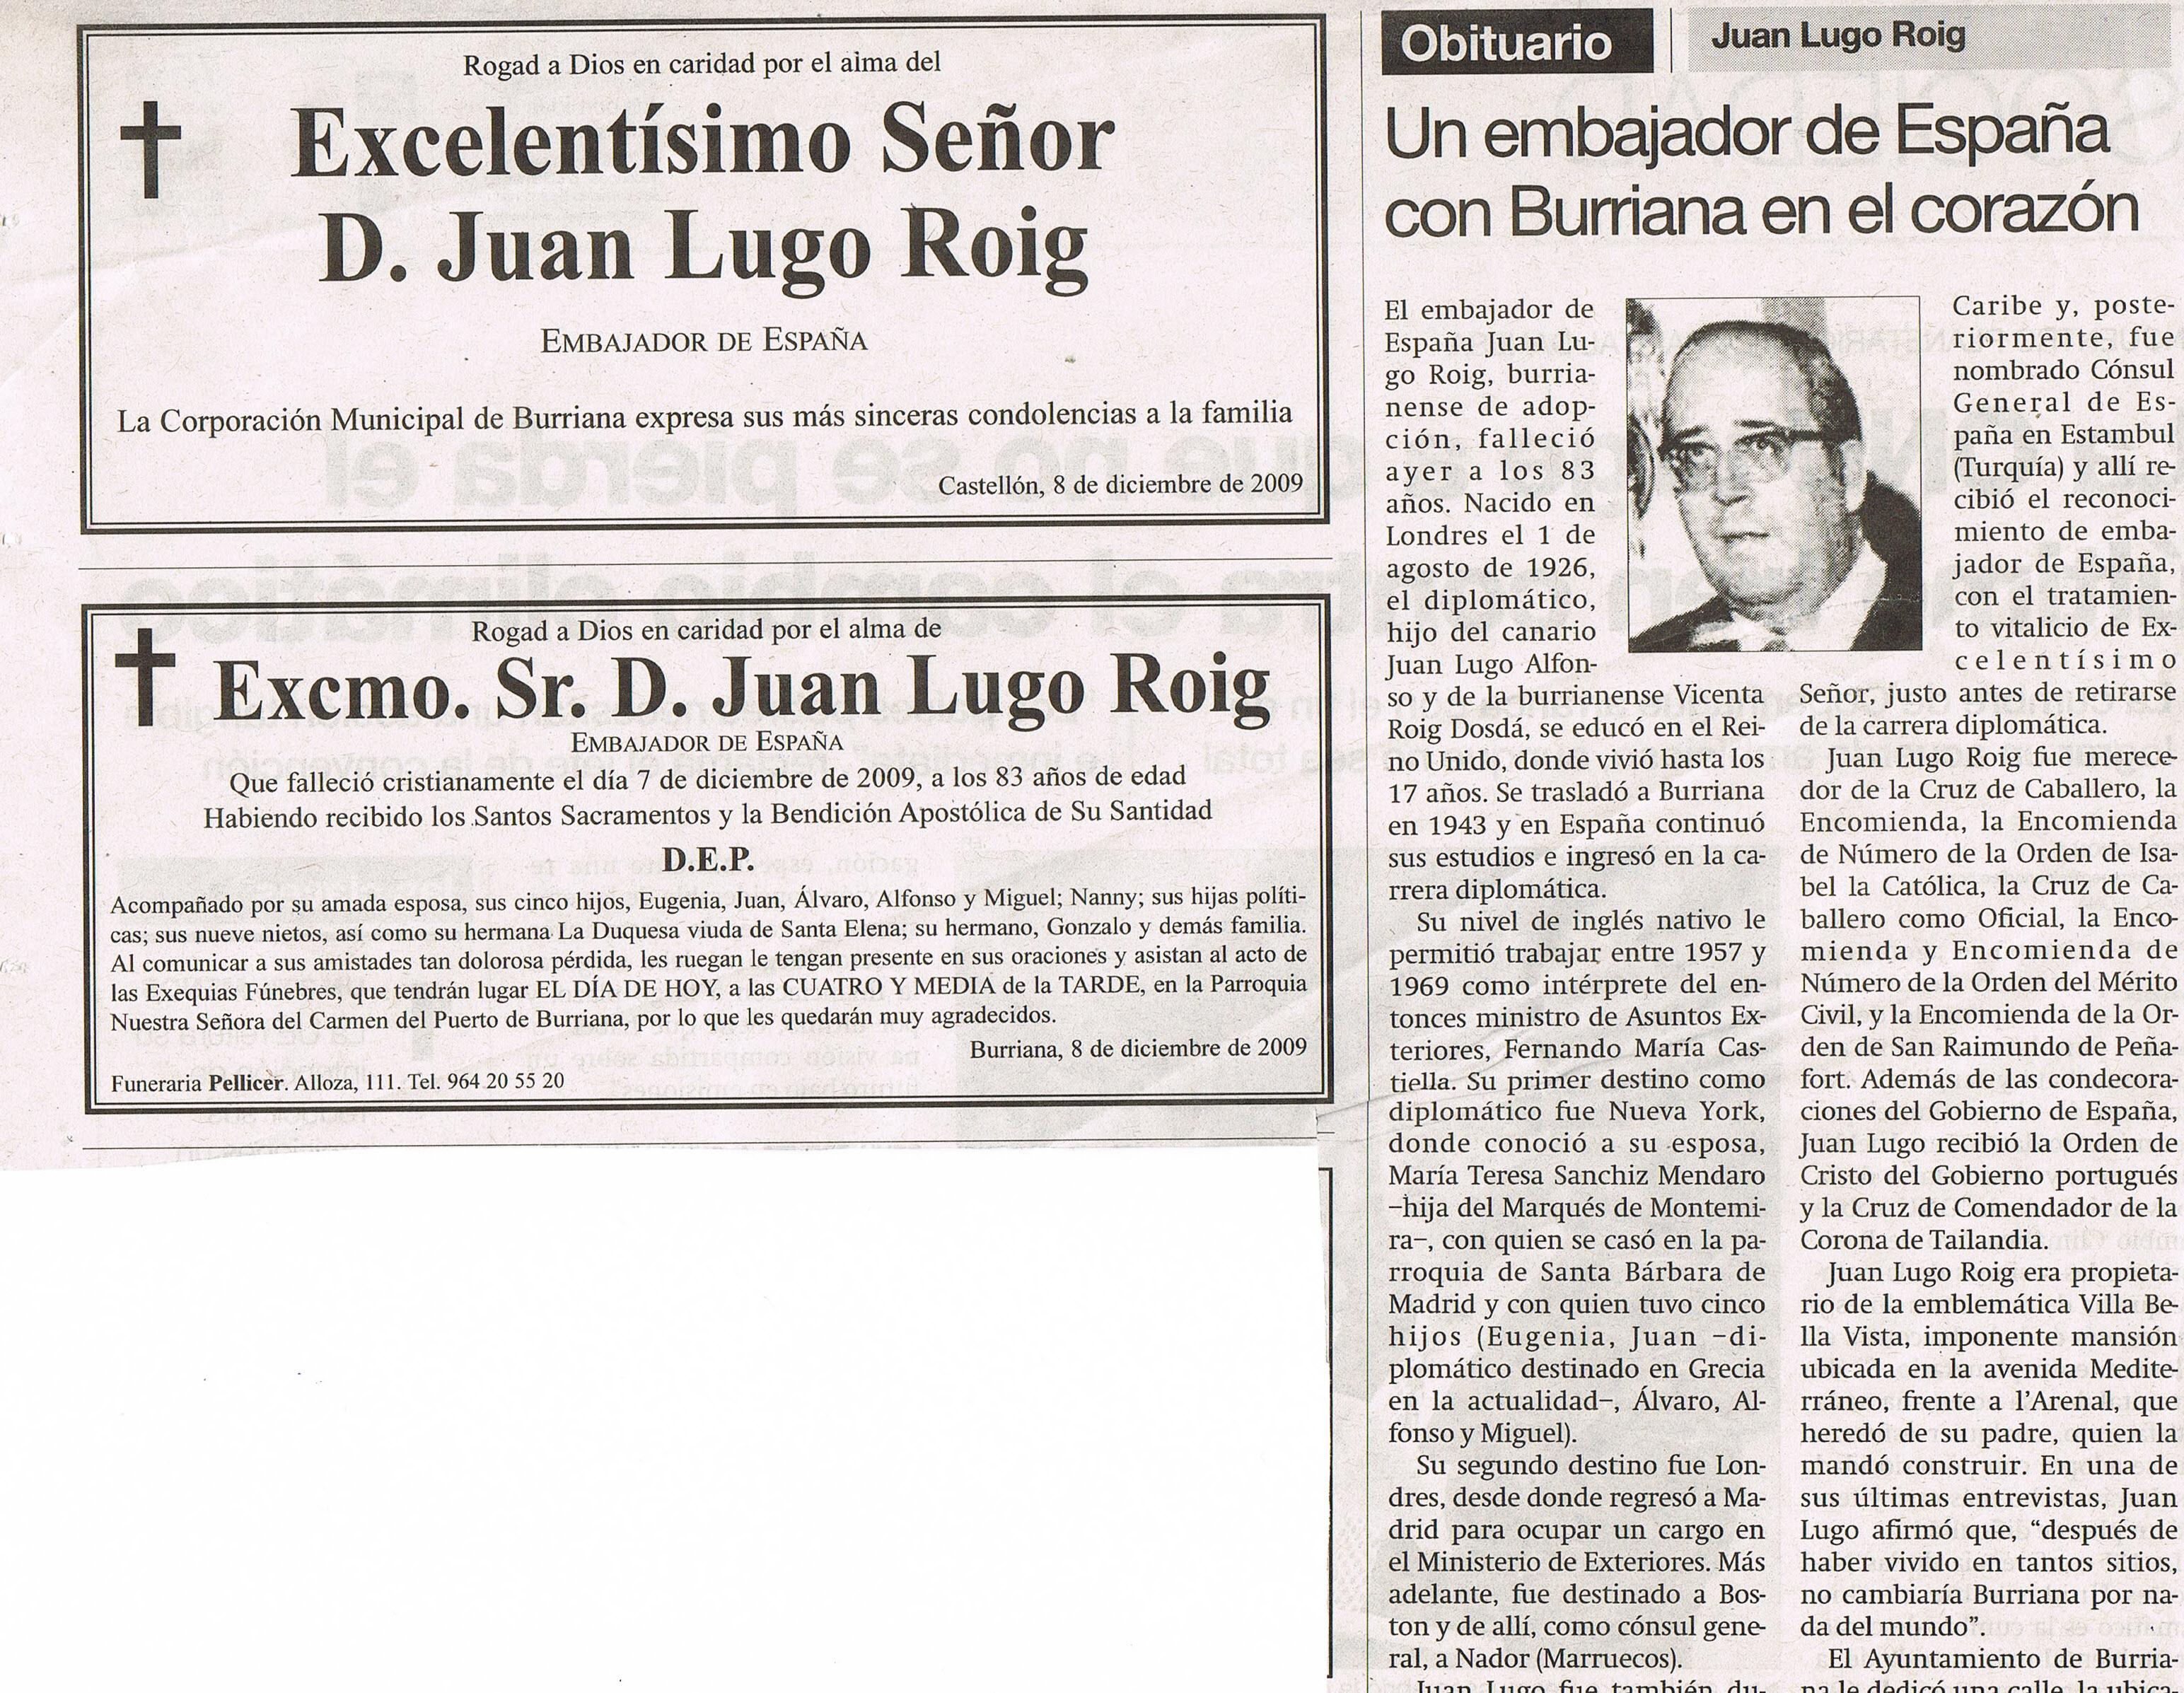 Entierro del Excelentísimo Señor Don Juan Lugo Roig, Embajador de España en Jamaica y el resto de las colonias Británicas en el Caribe.